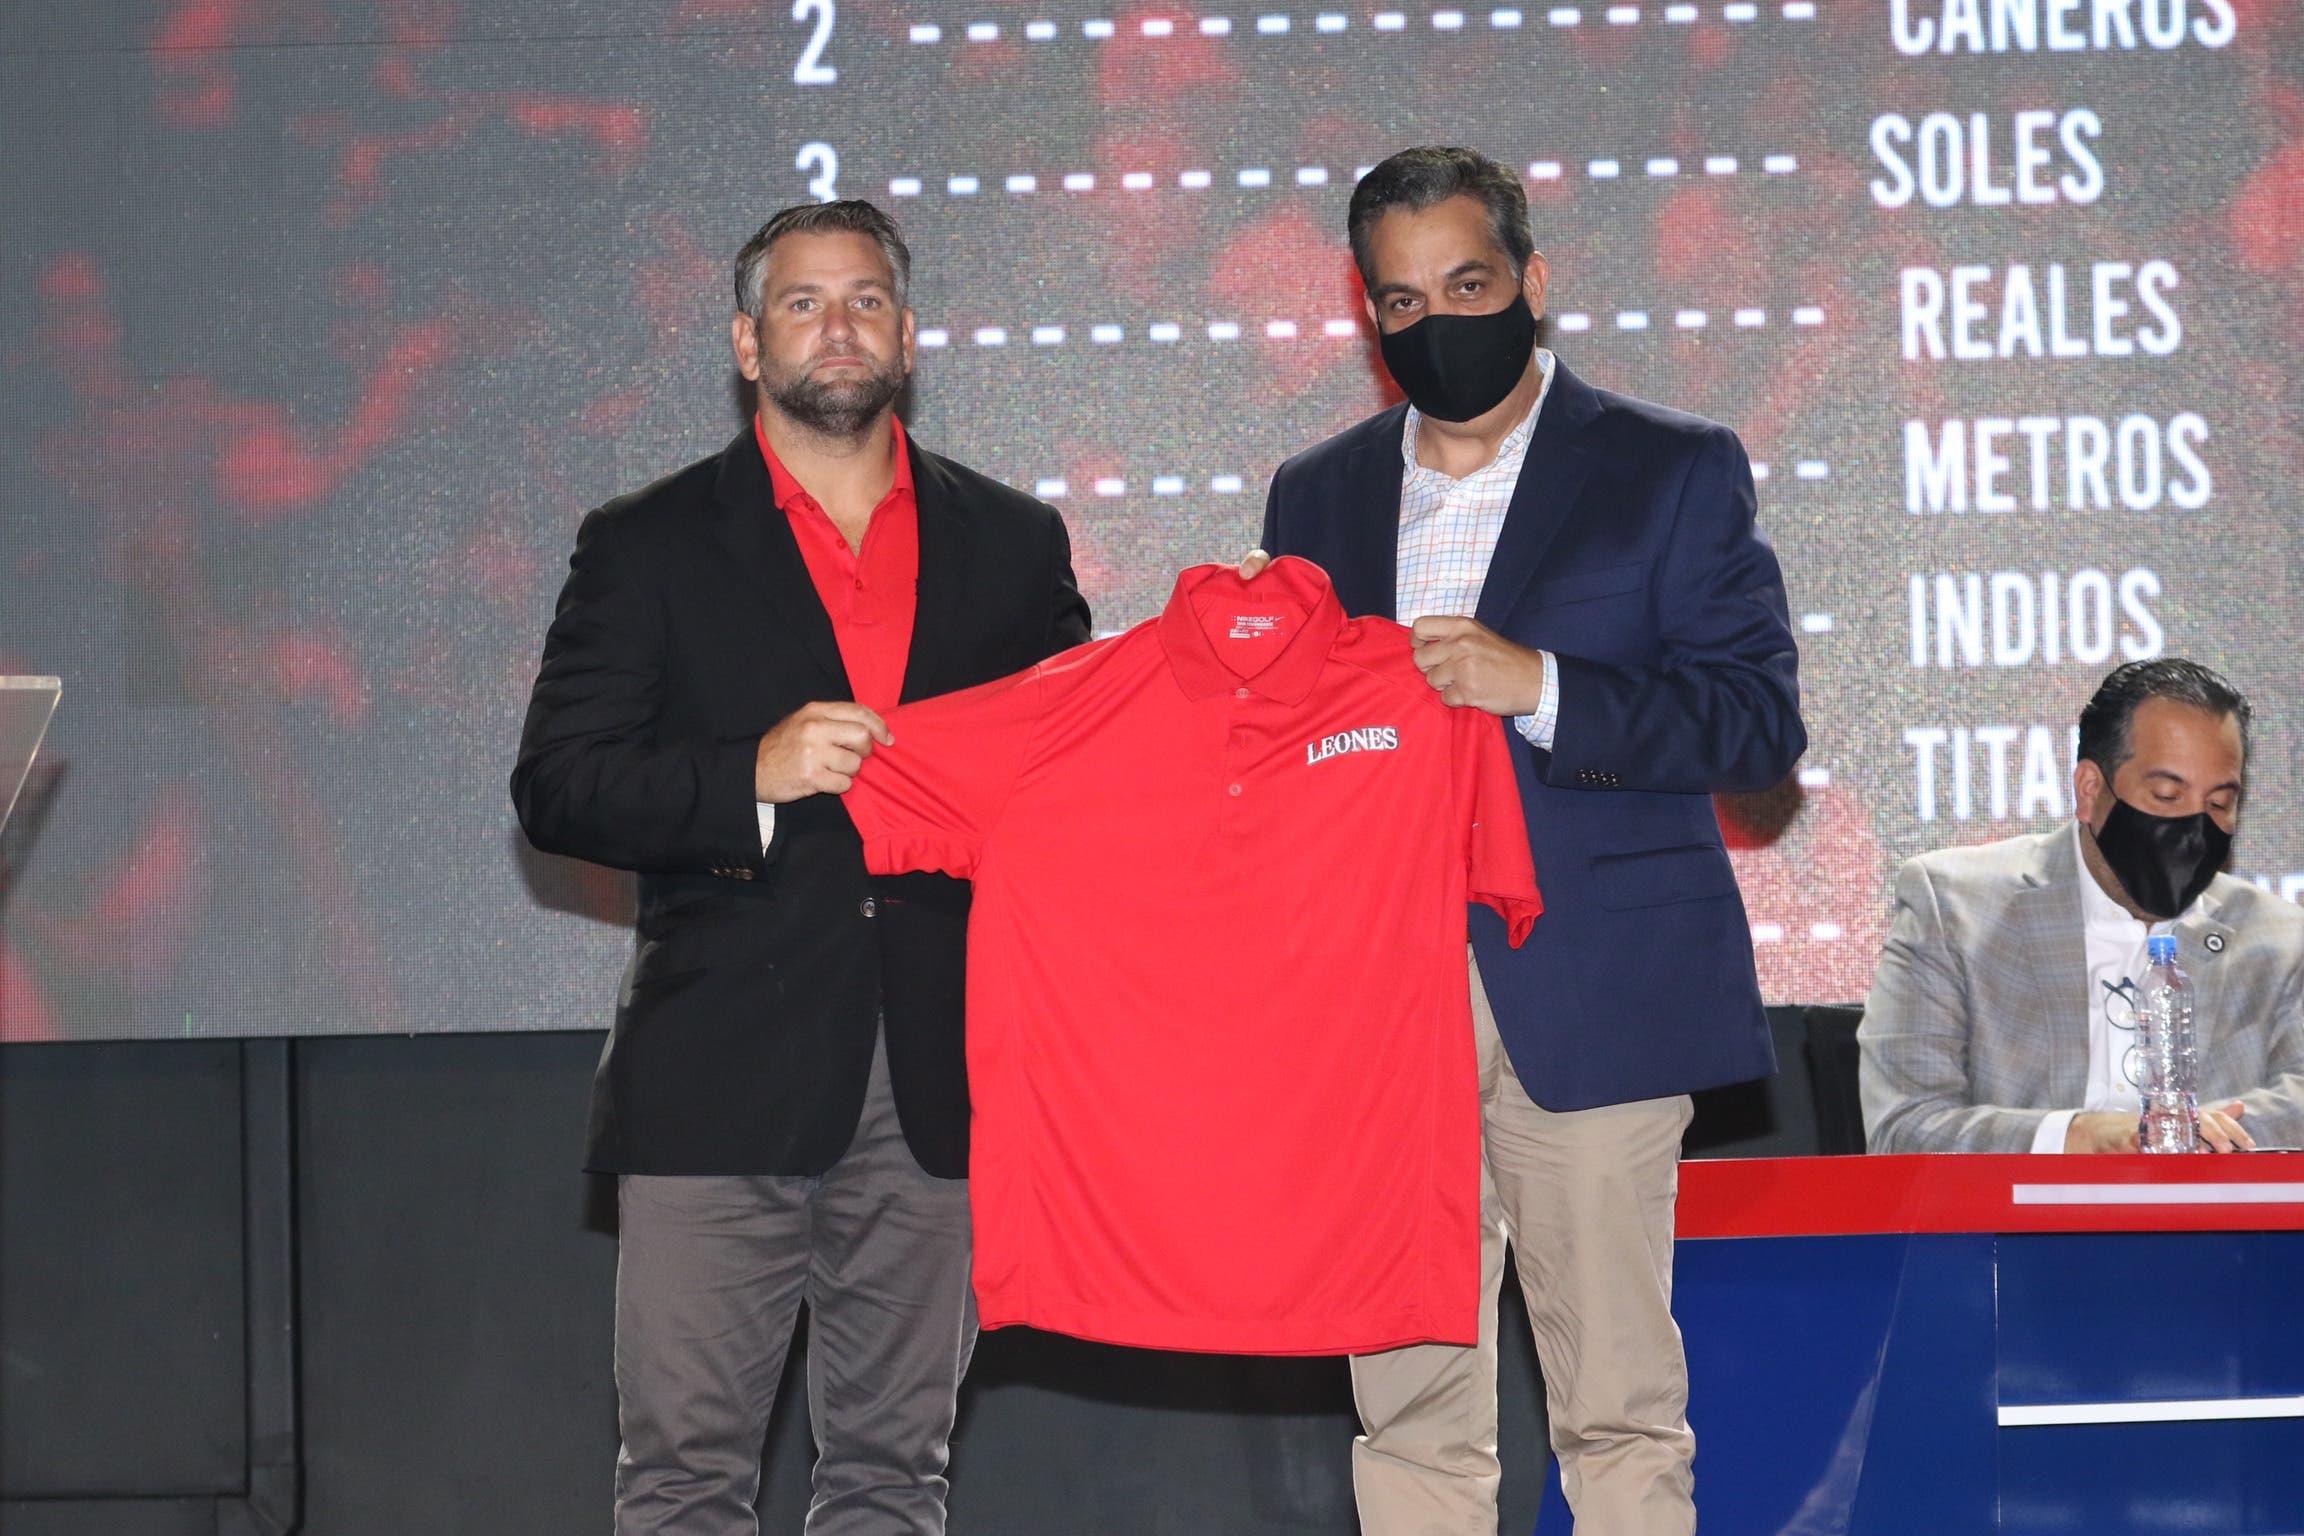 Leones eligen a L.J. Figueroa como su primer pick del Draft de la LNB